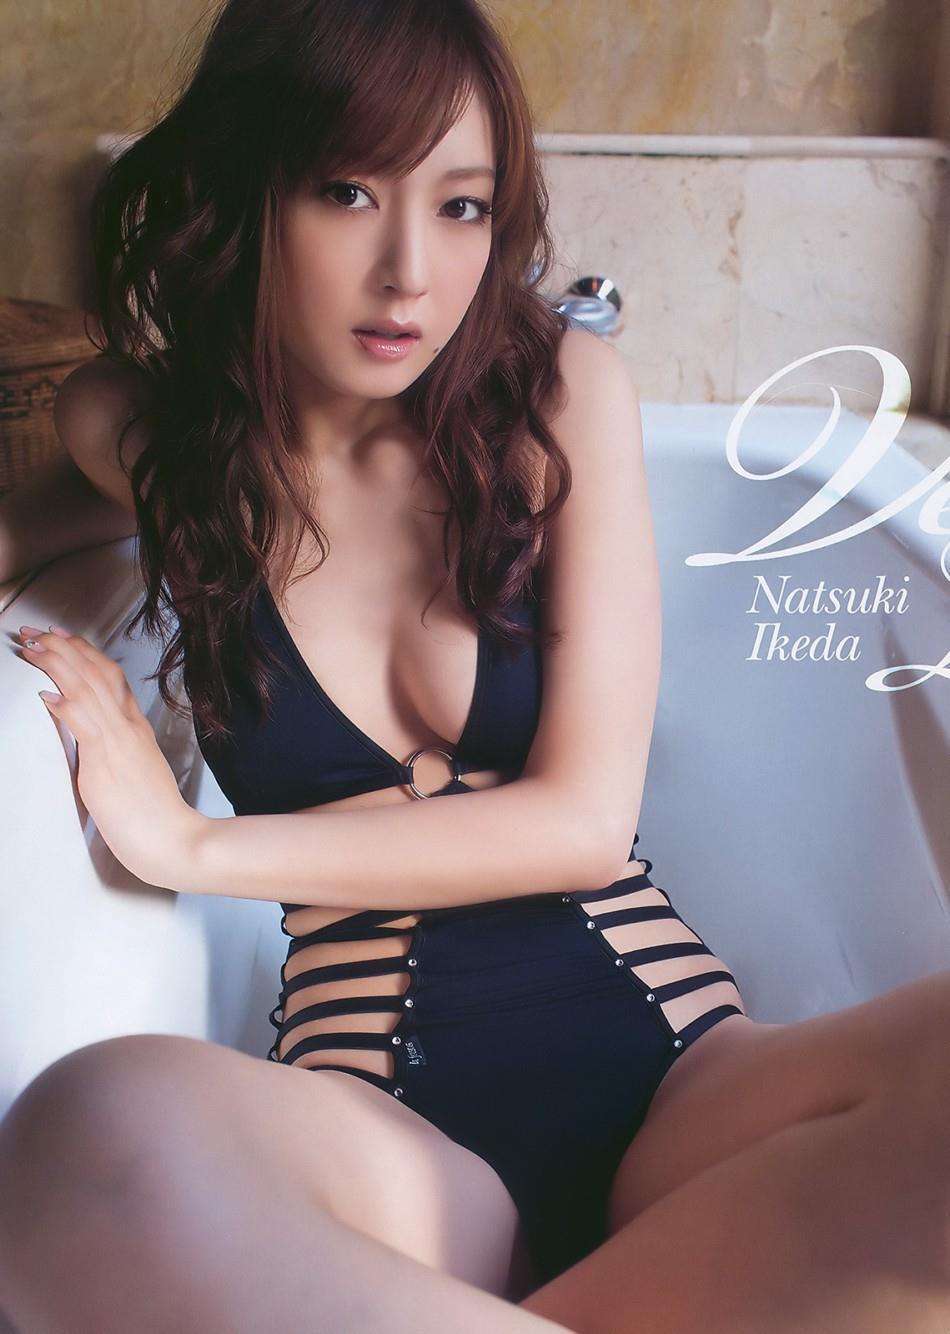 ikeda_natsuki169.jpg